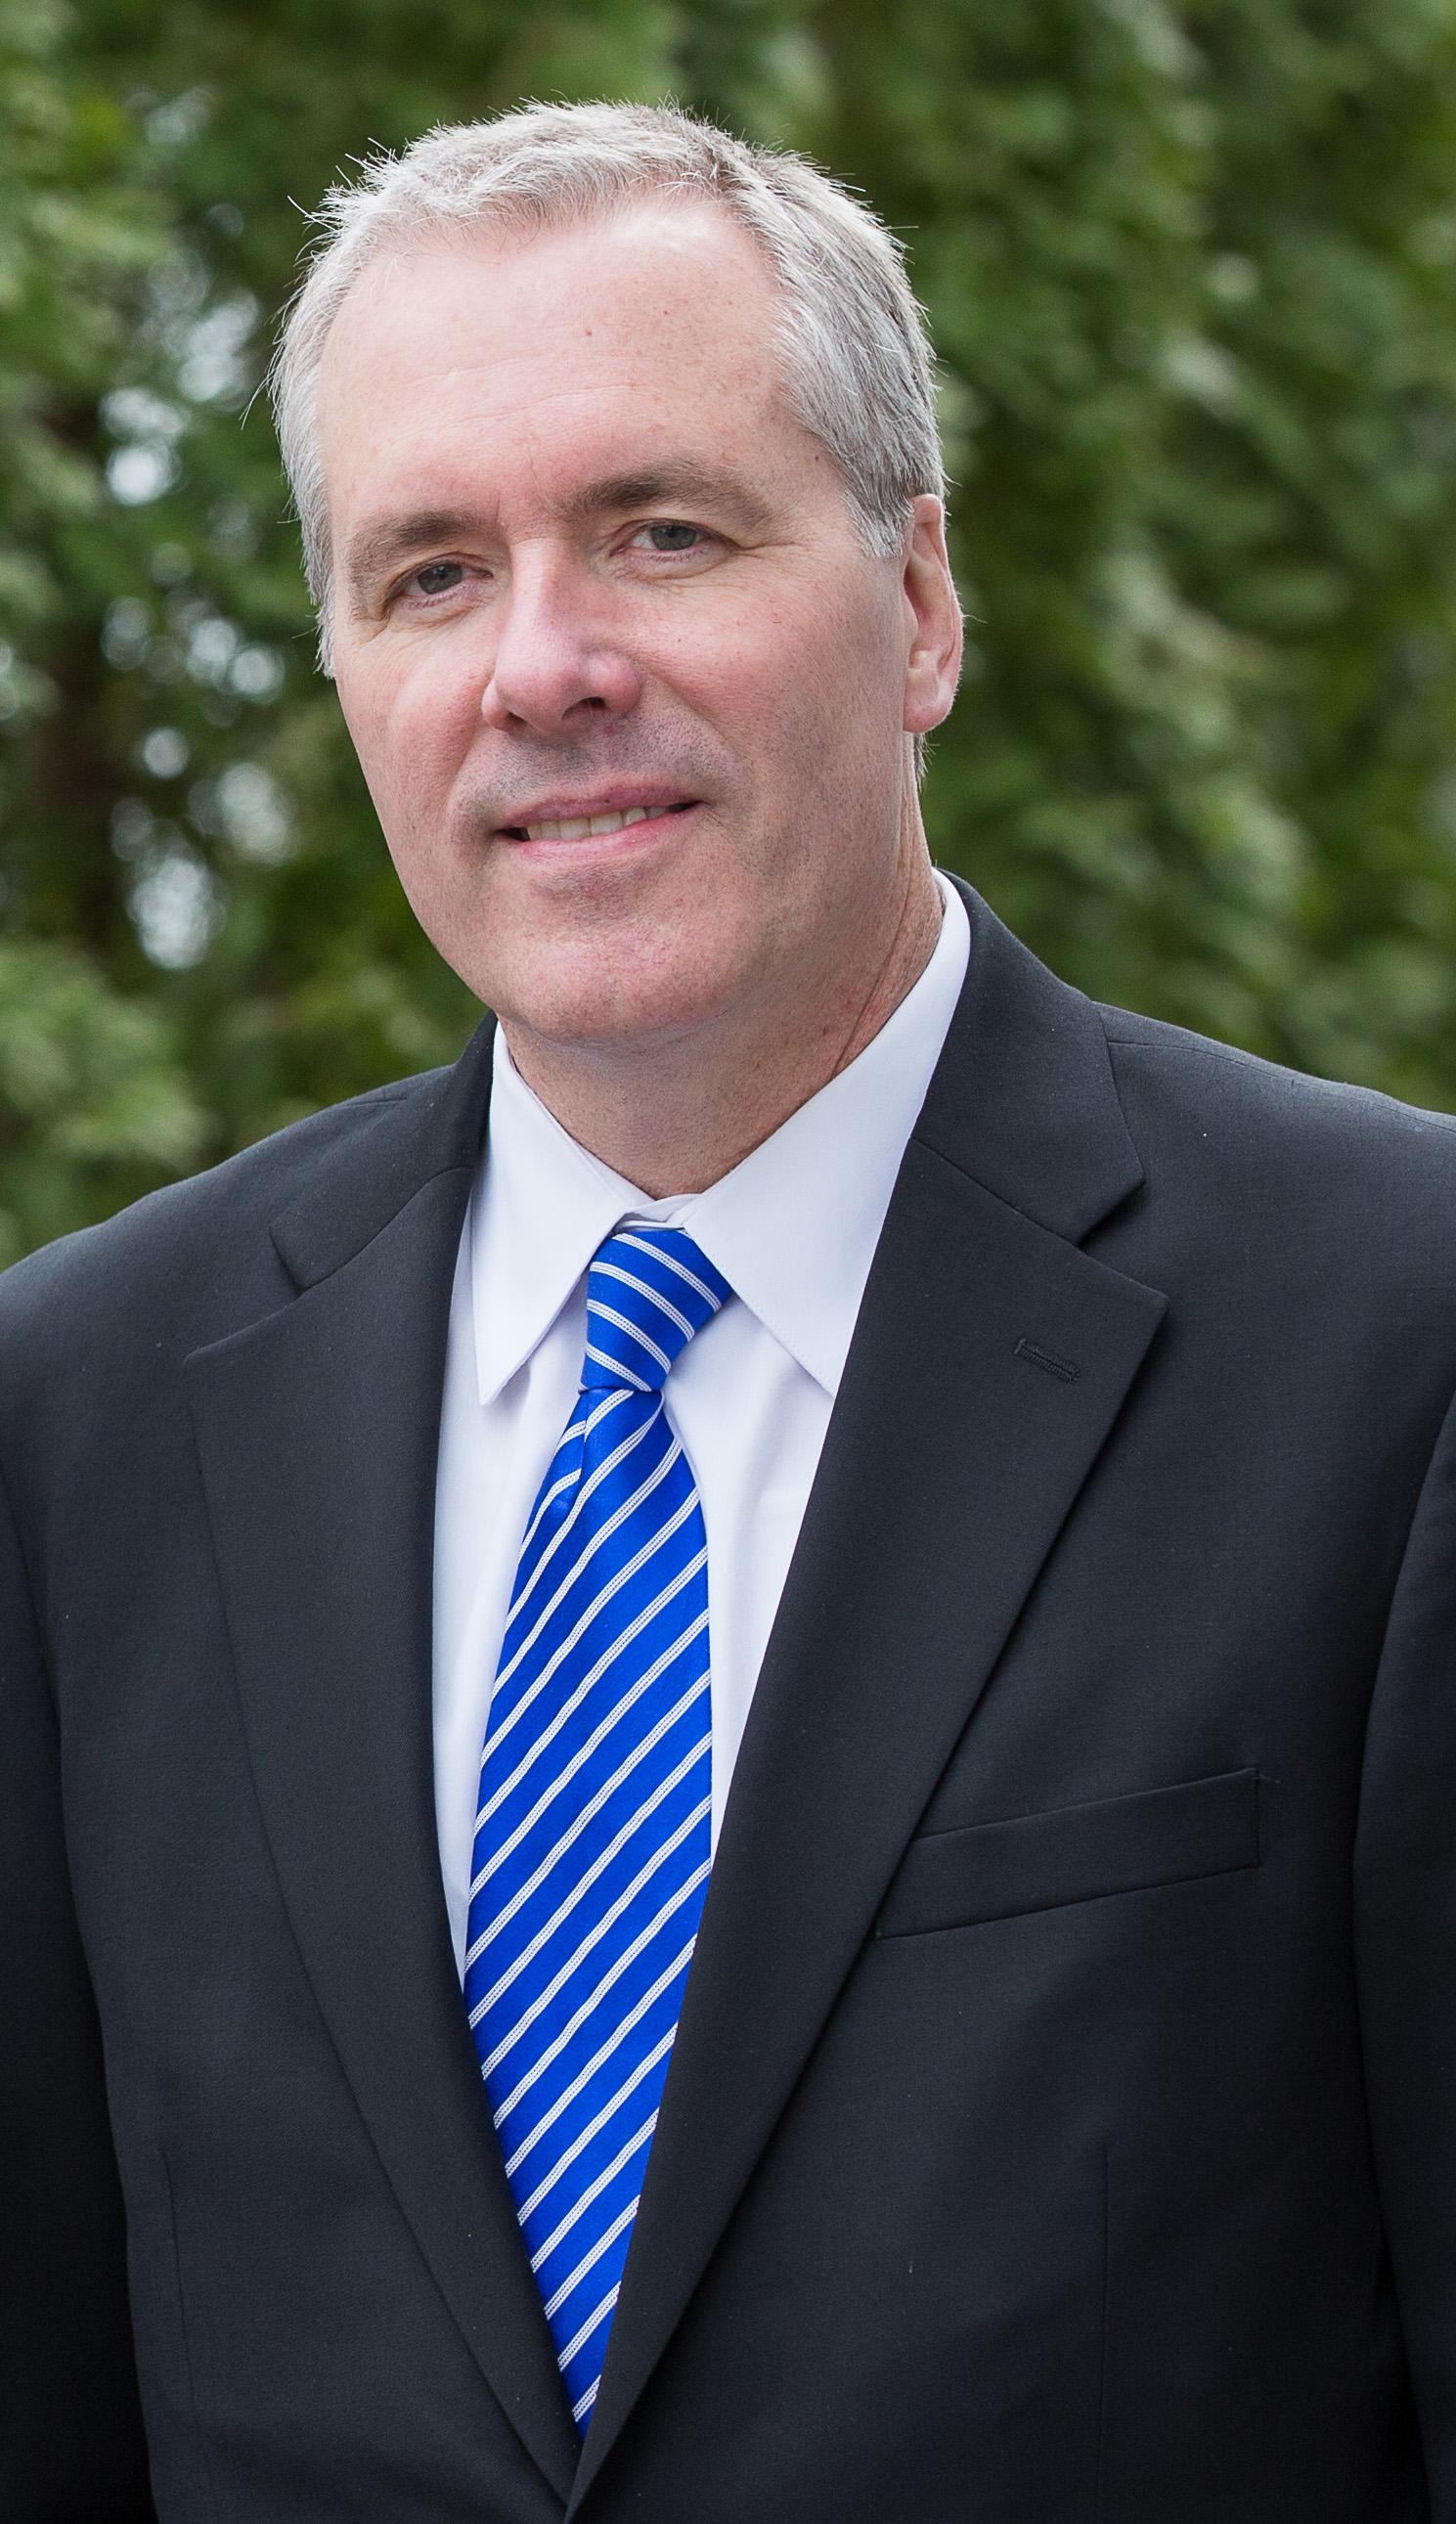 Mayor Stanzilis